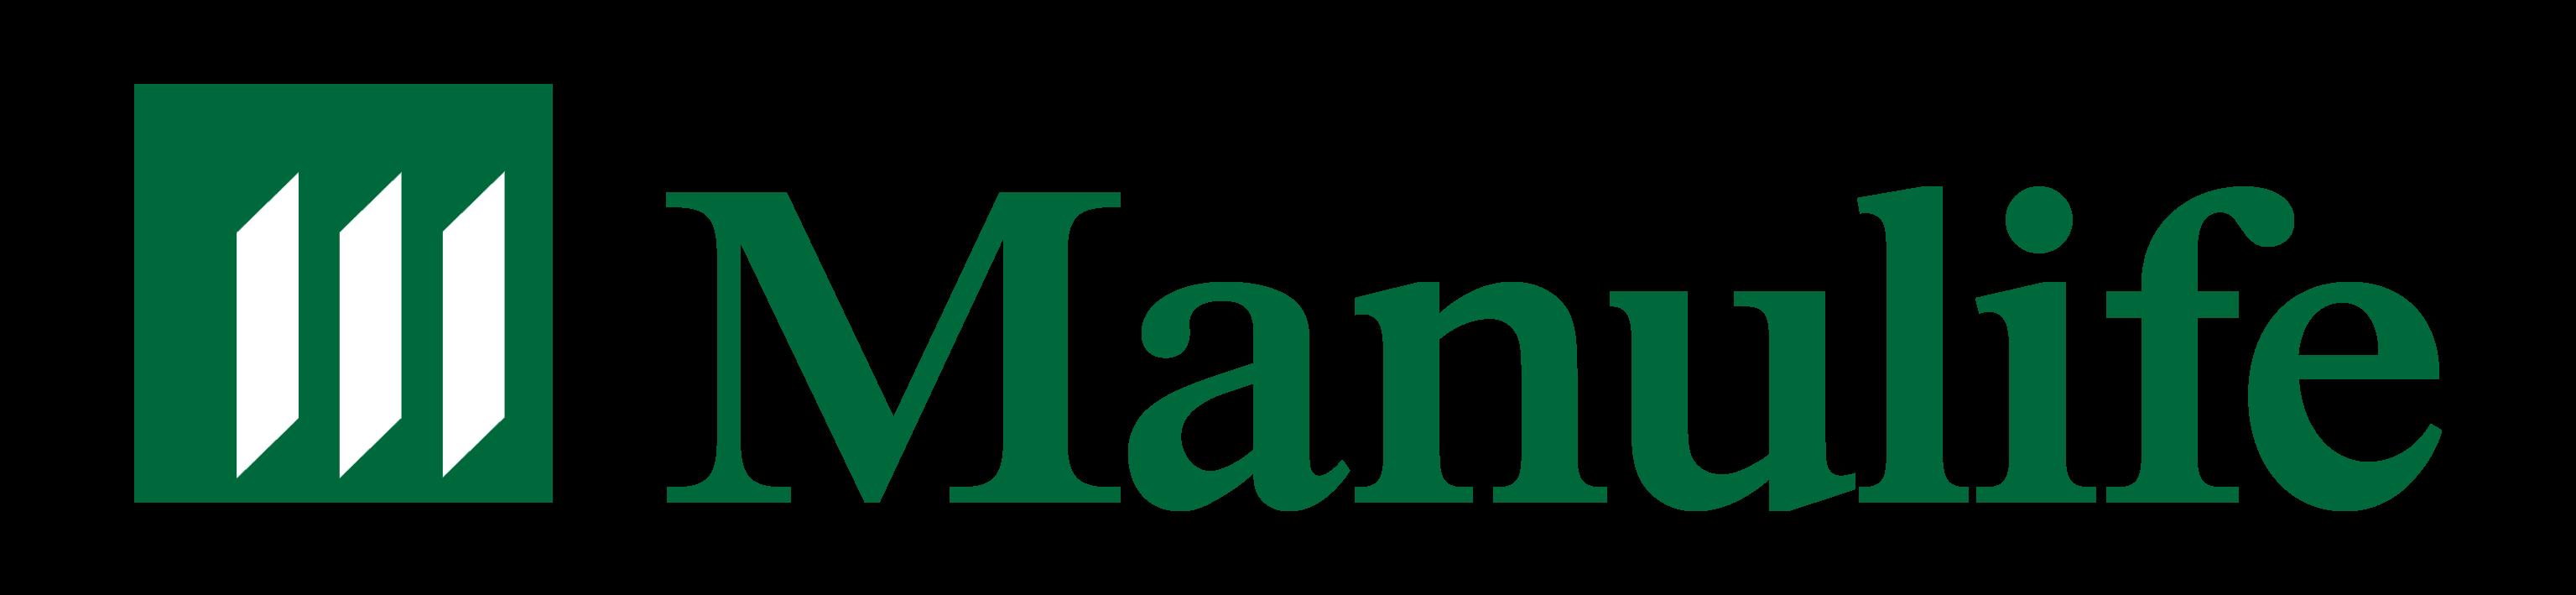 MANULIFE - Daftar Penyedia Asuransi Rawat Inap Terbaik 2020